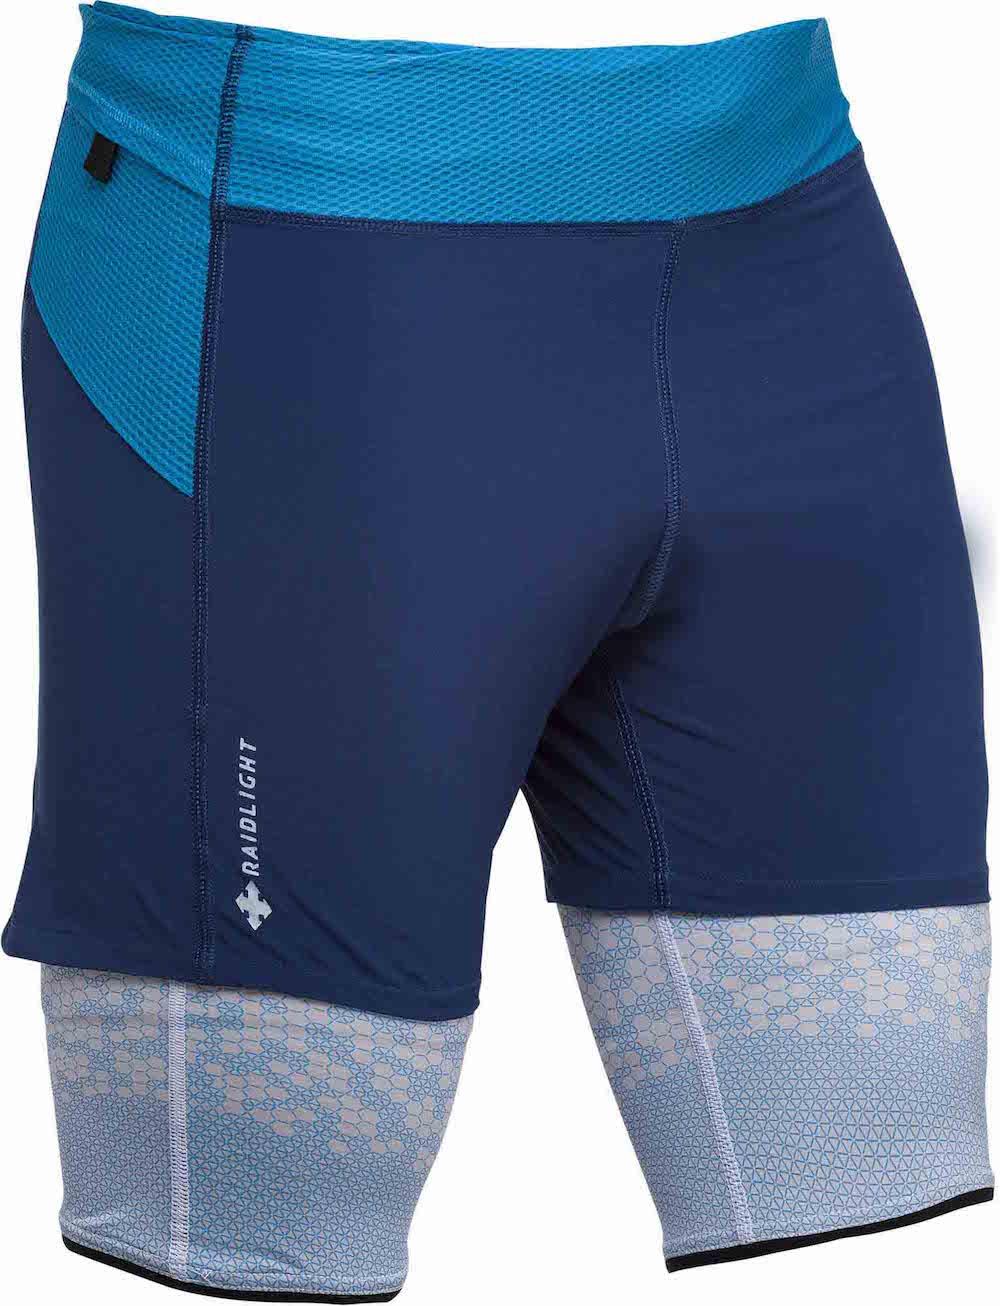 Raidlight Ultralight Short - Running shorts - Men's